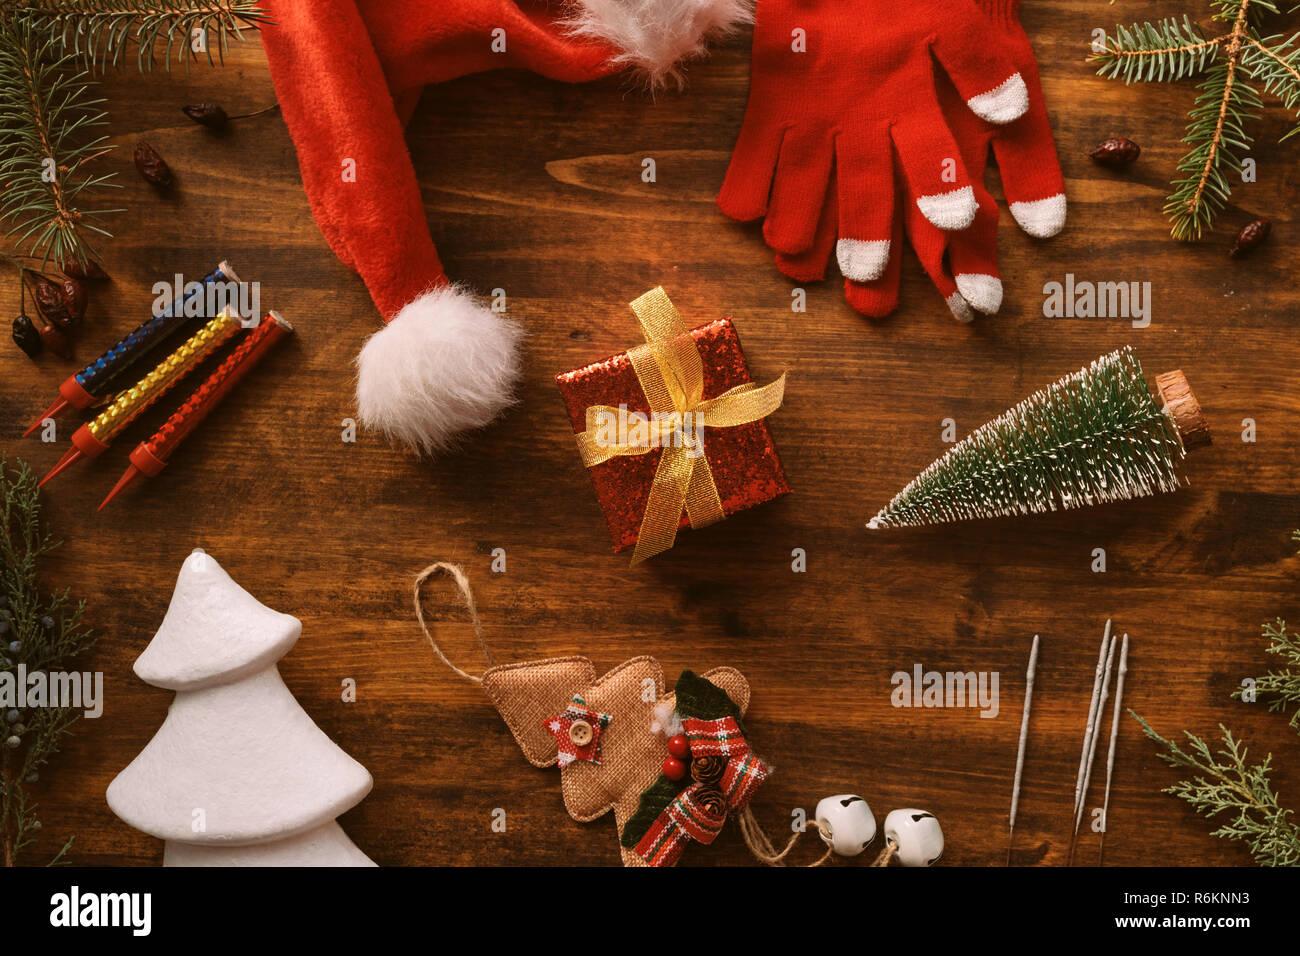 Bilder Weihnachten Nostalgisch.Nostalgisch Weihnachten Stockfotos Nostalgisch Weihnachten Bilder